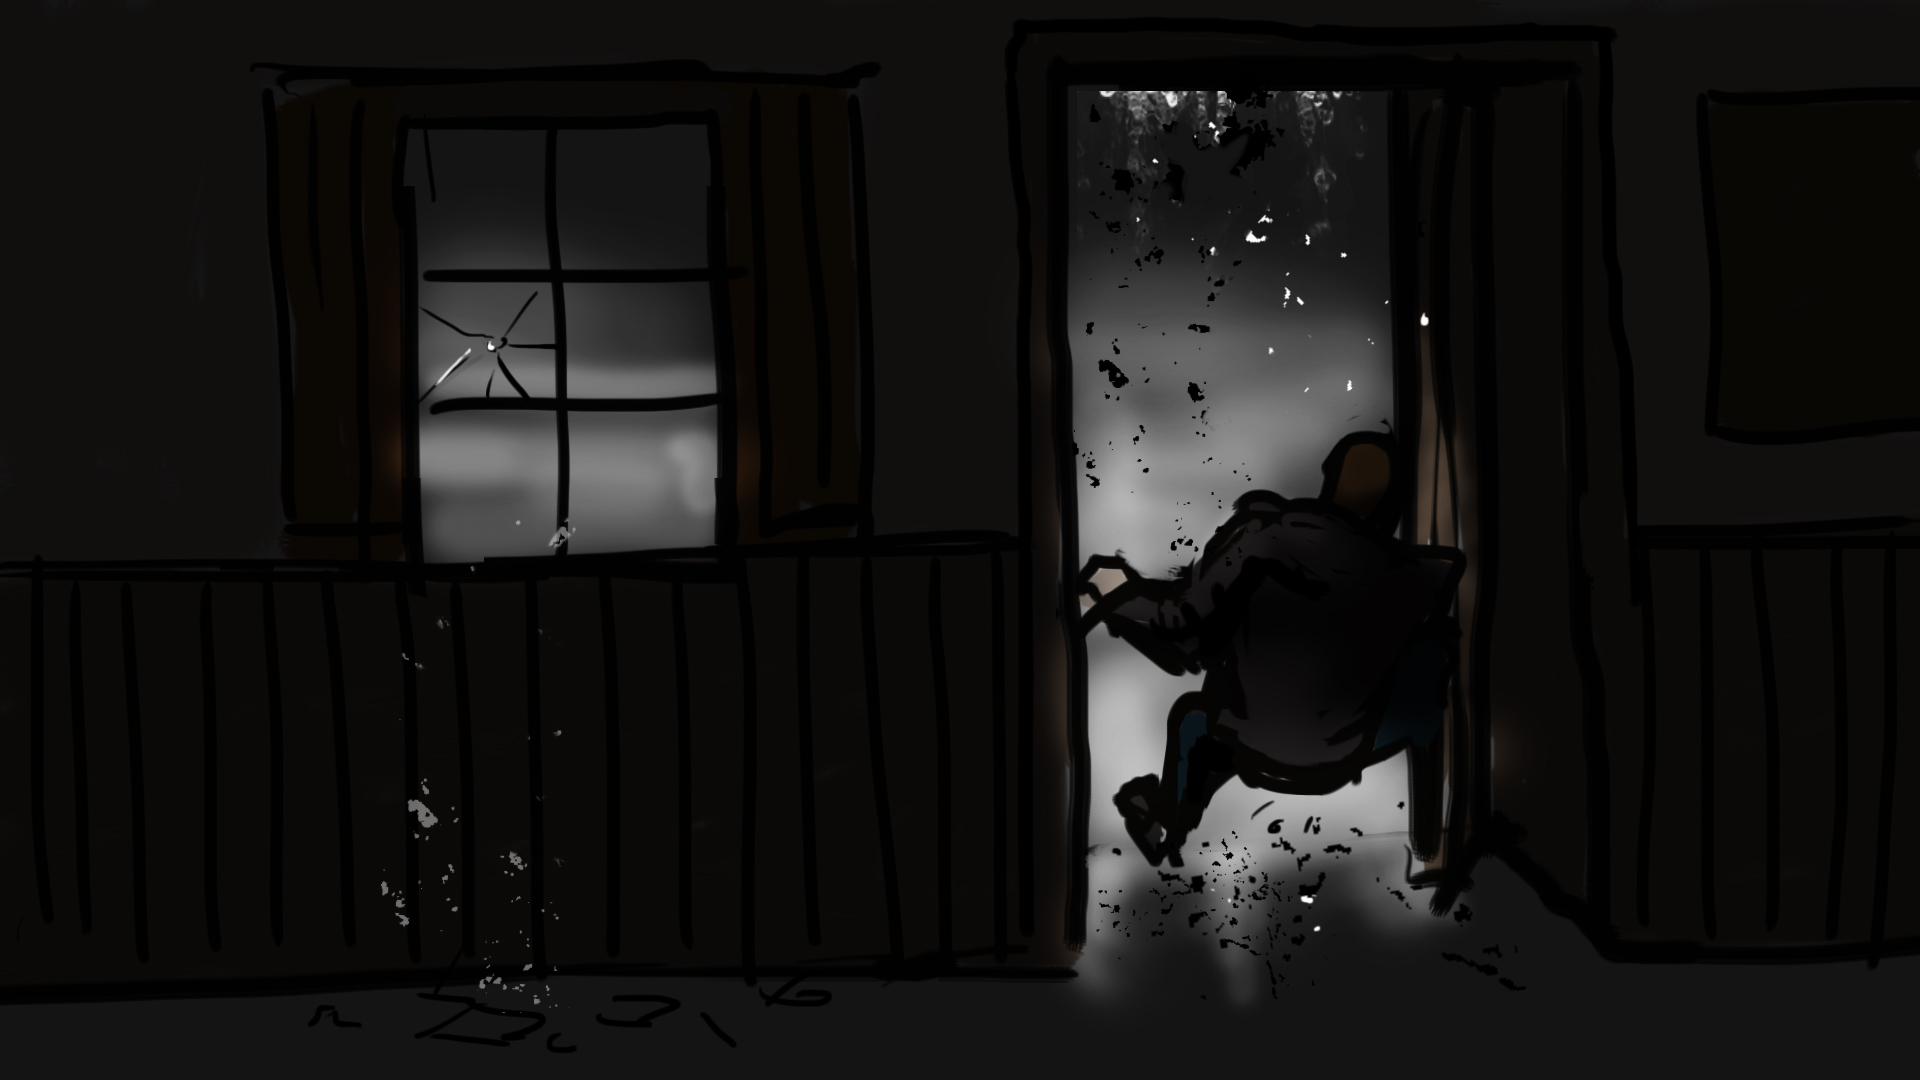 siege_61